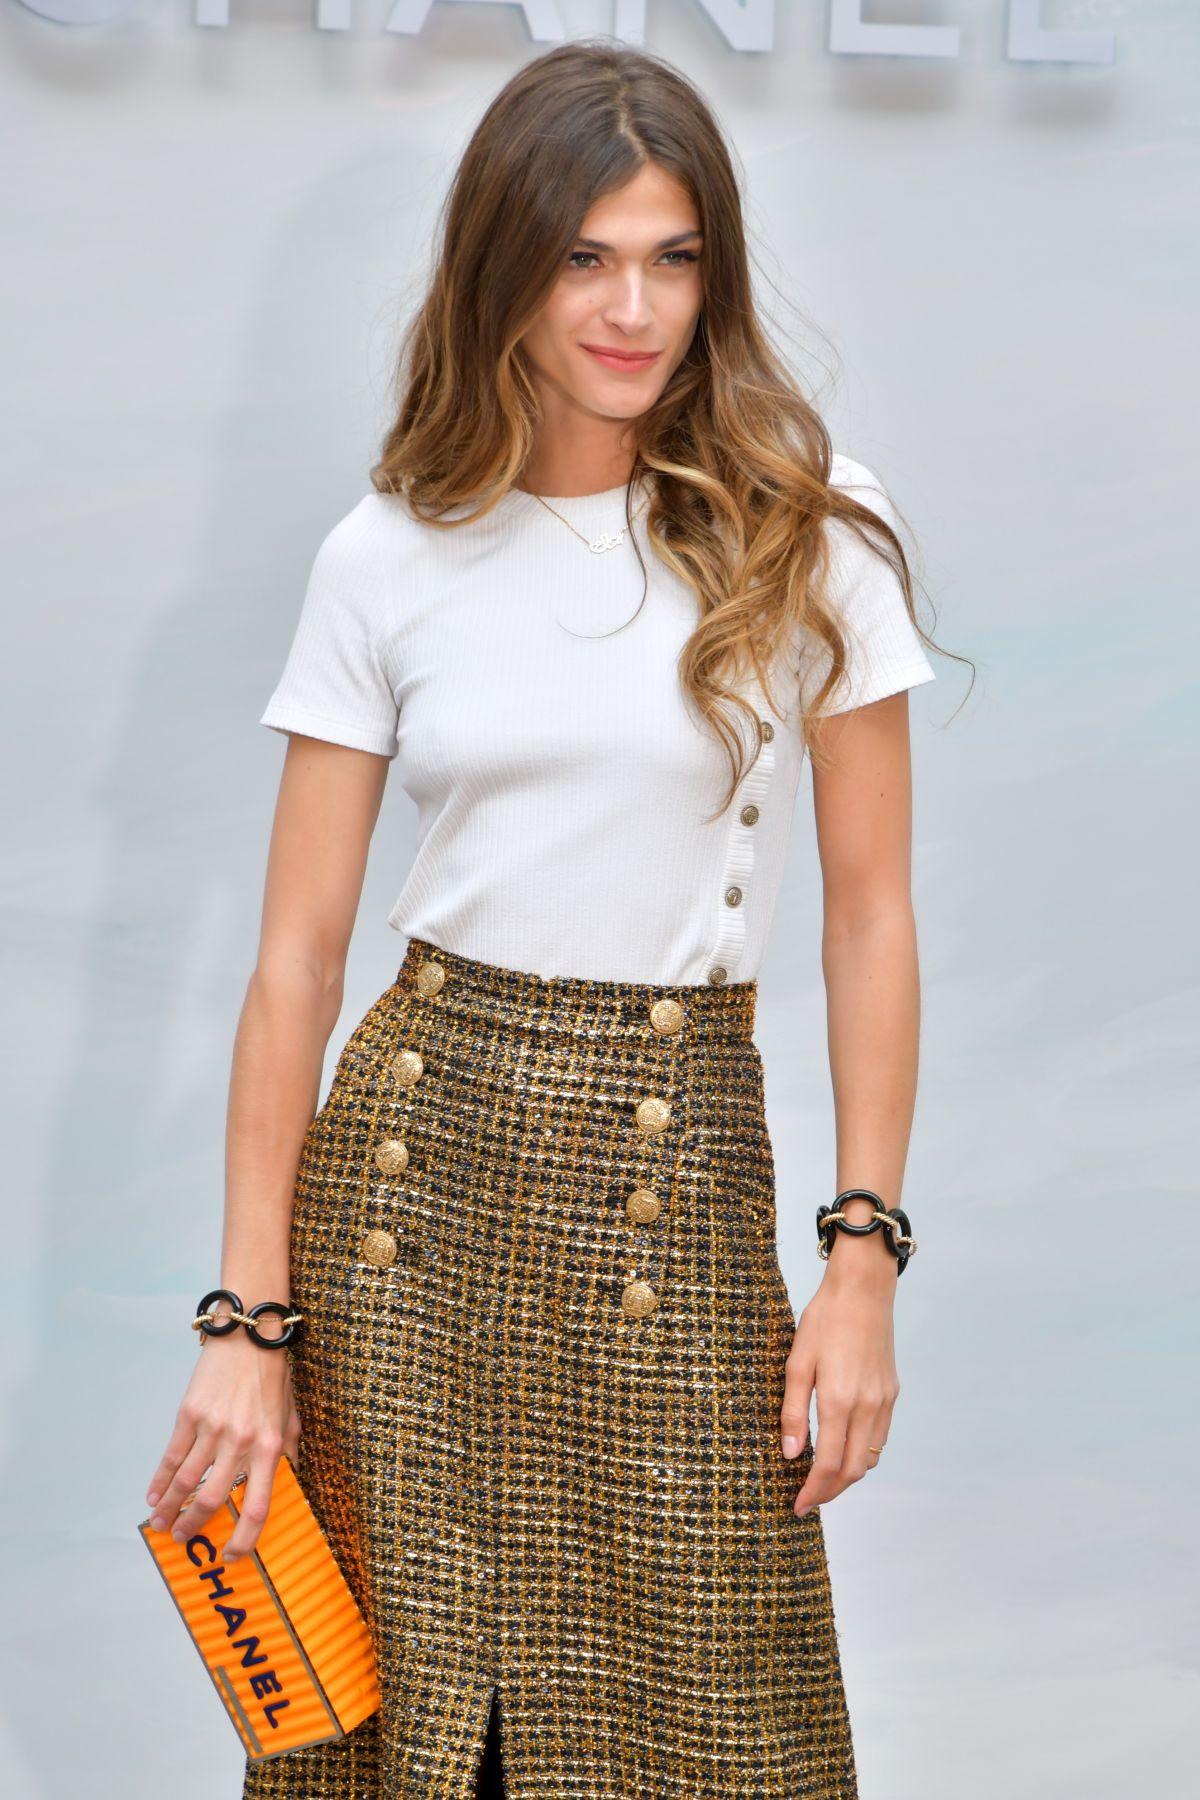 Elisa Sednaoui in Chanel - STYLE ICON: Elisa Sednaoui